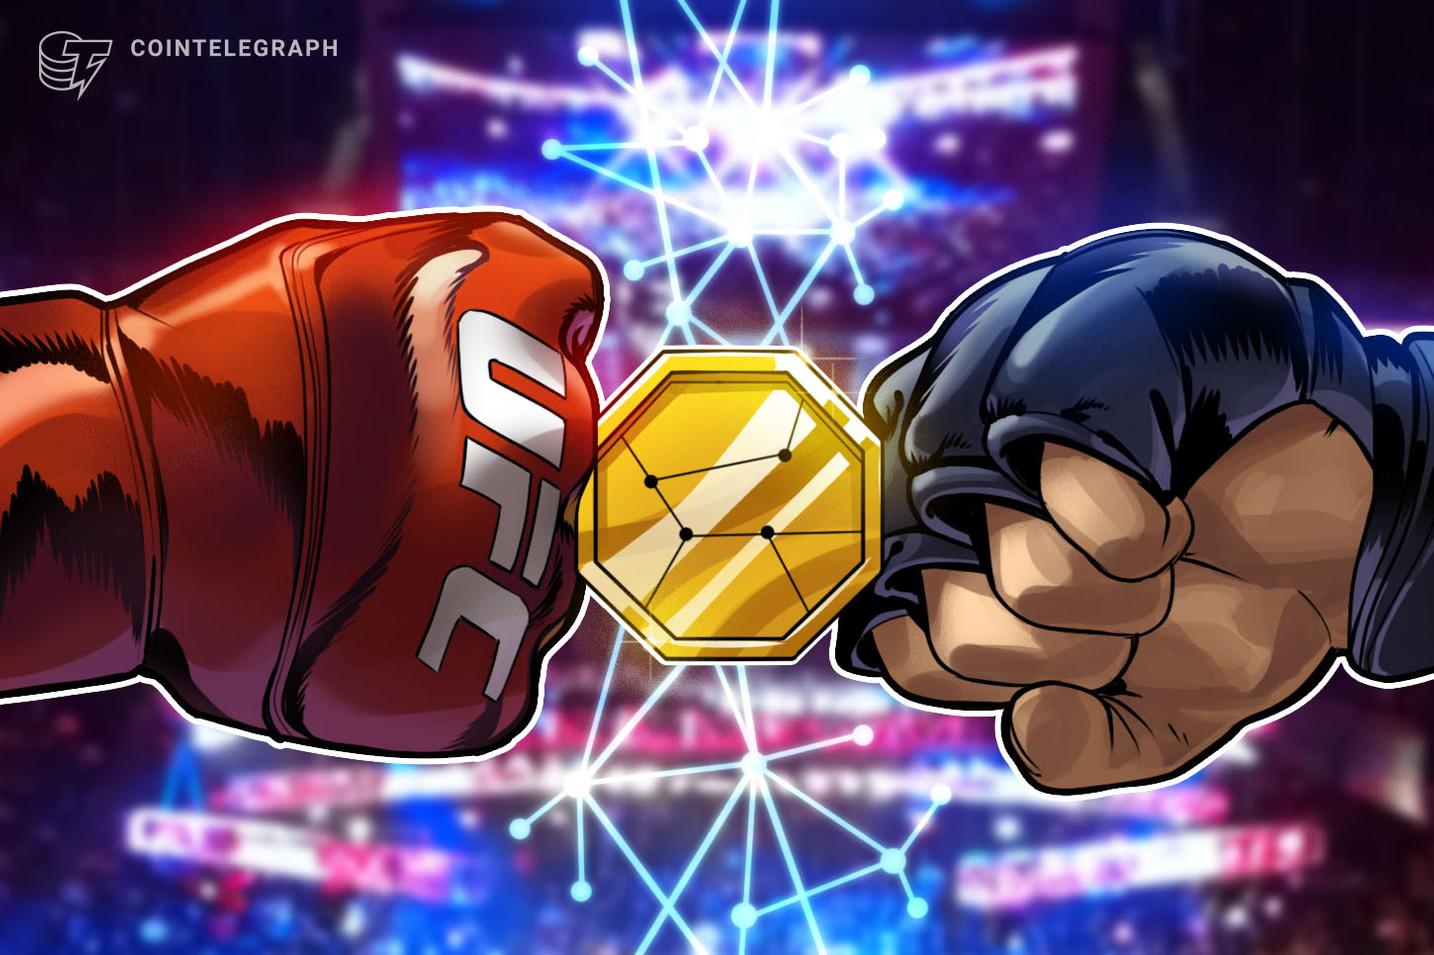 Az UFC 175 millió dolláros szponzorációs megállapodást köt a Crypto.com-tal